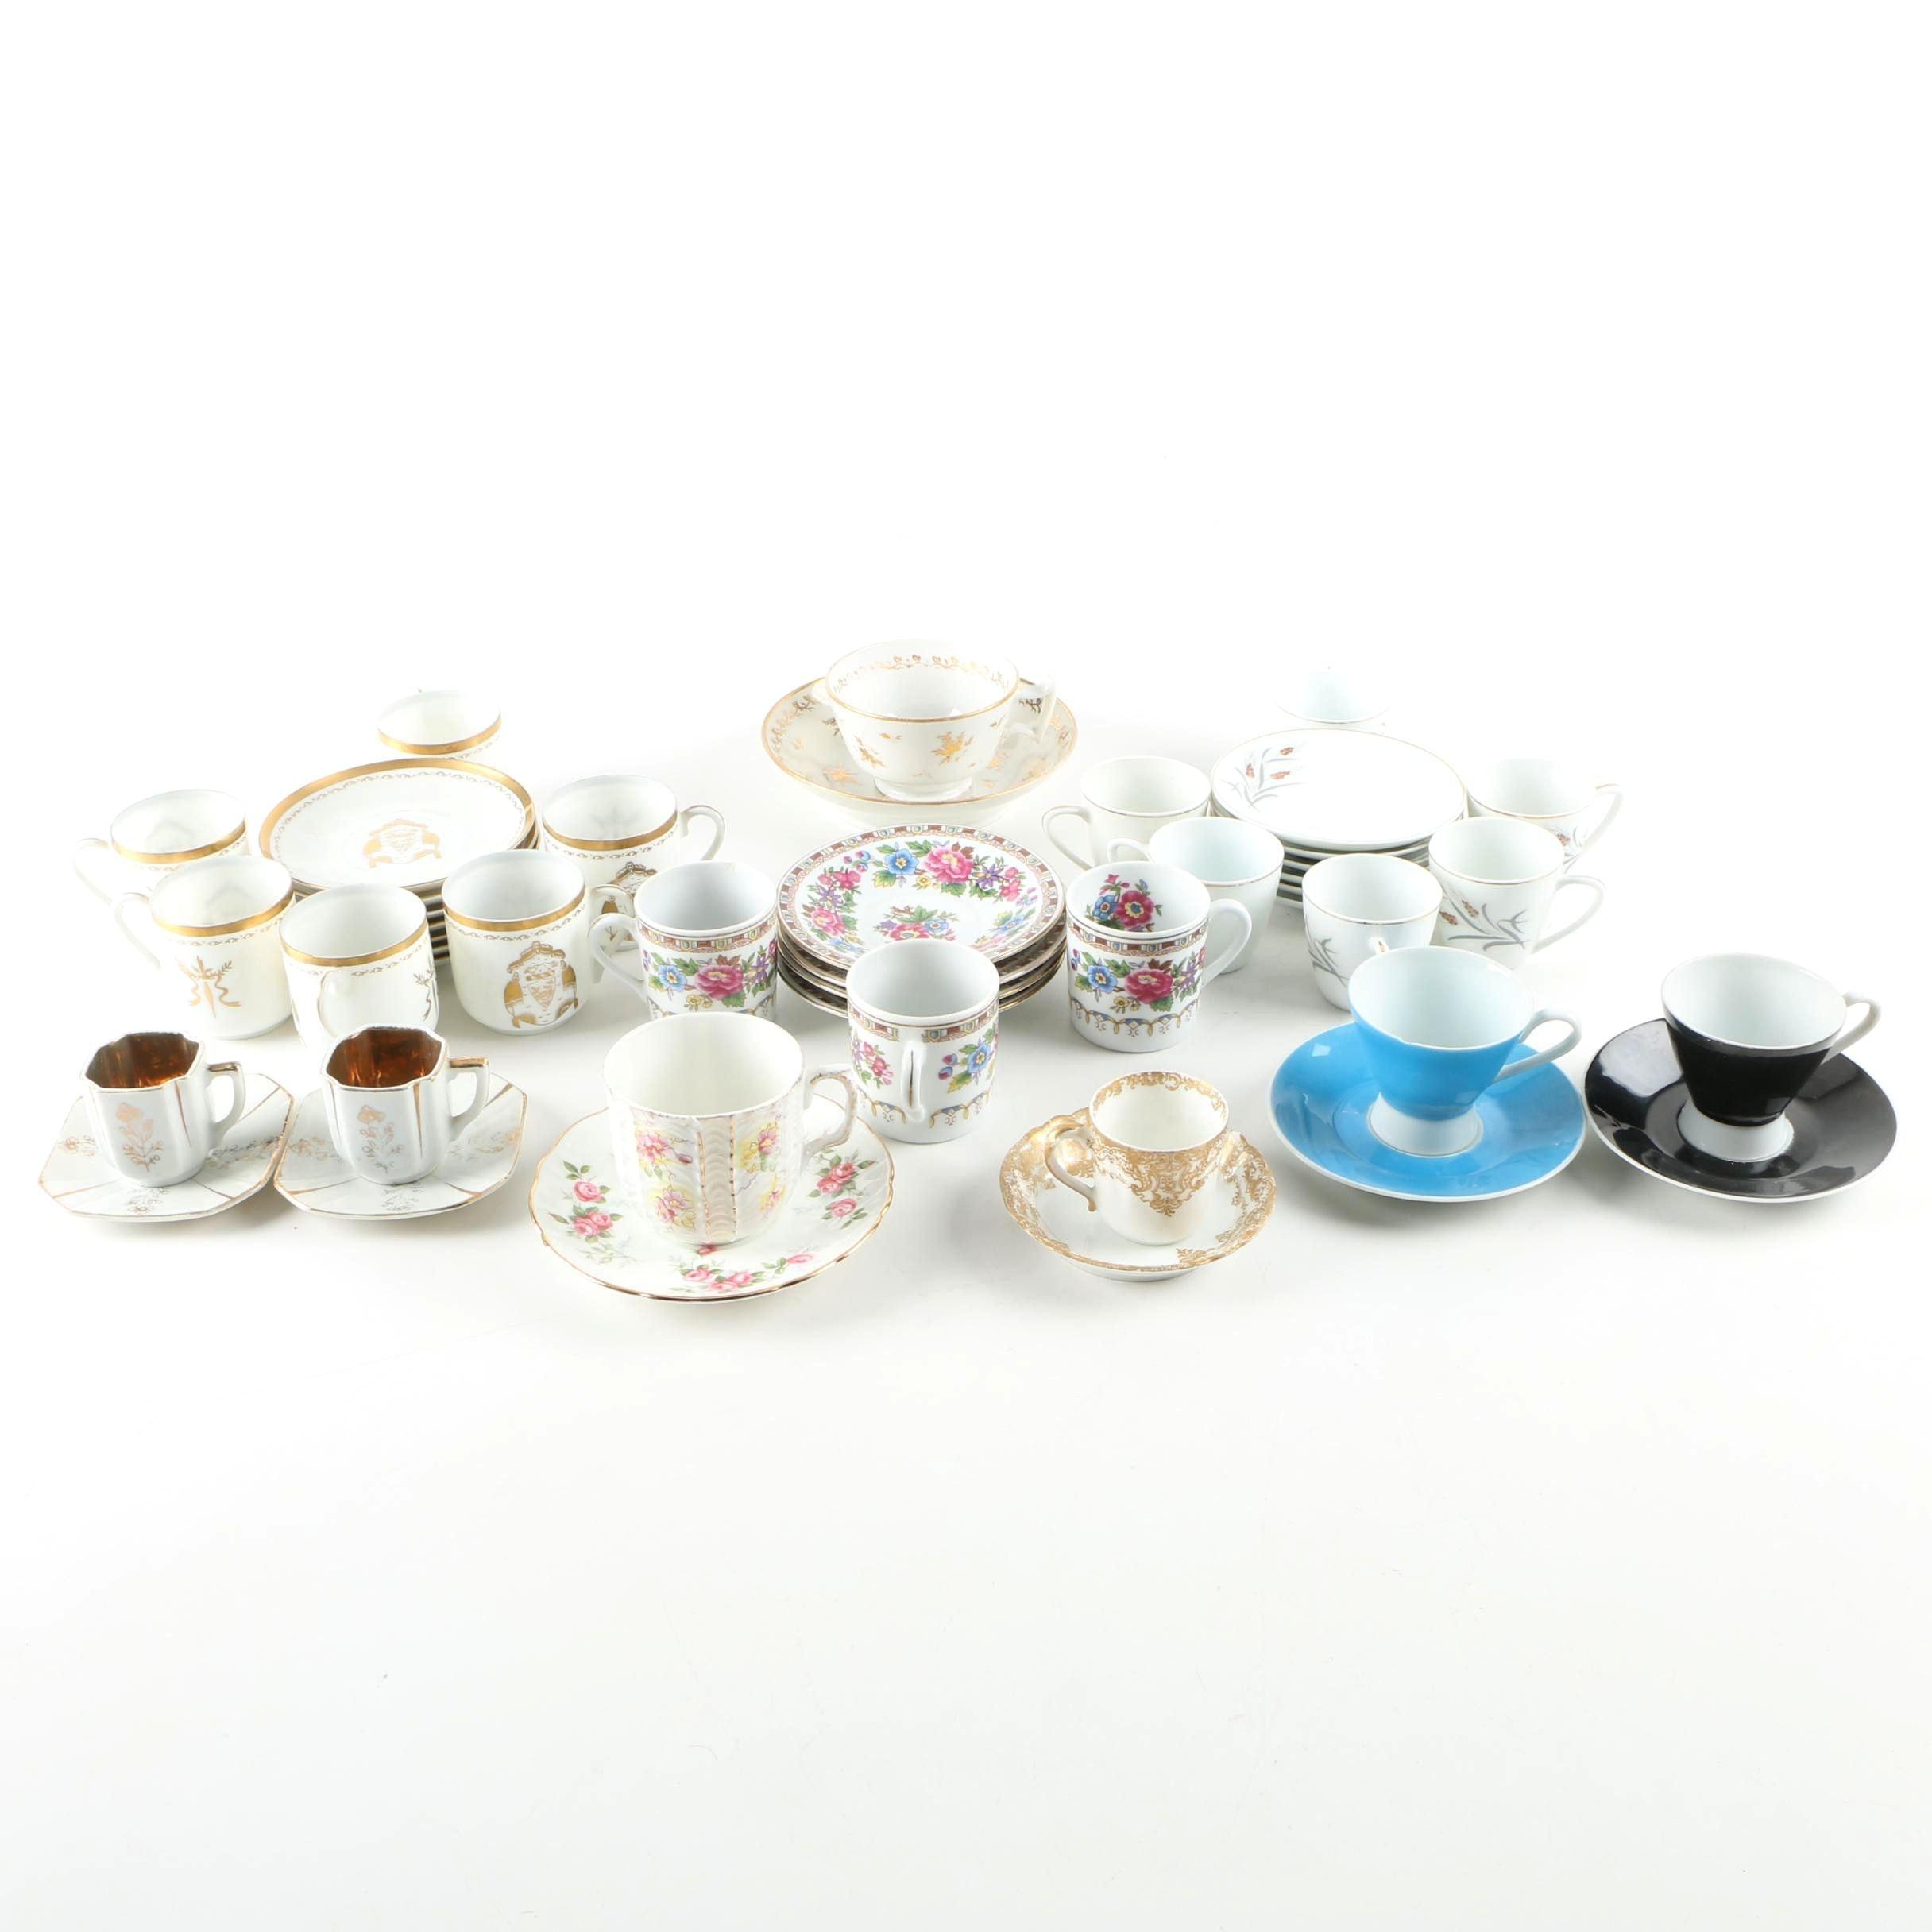 Porcelain Tableware Including Antique Haviland Limoges